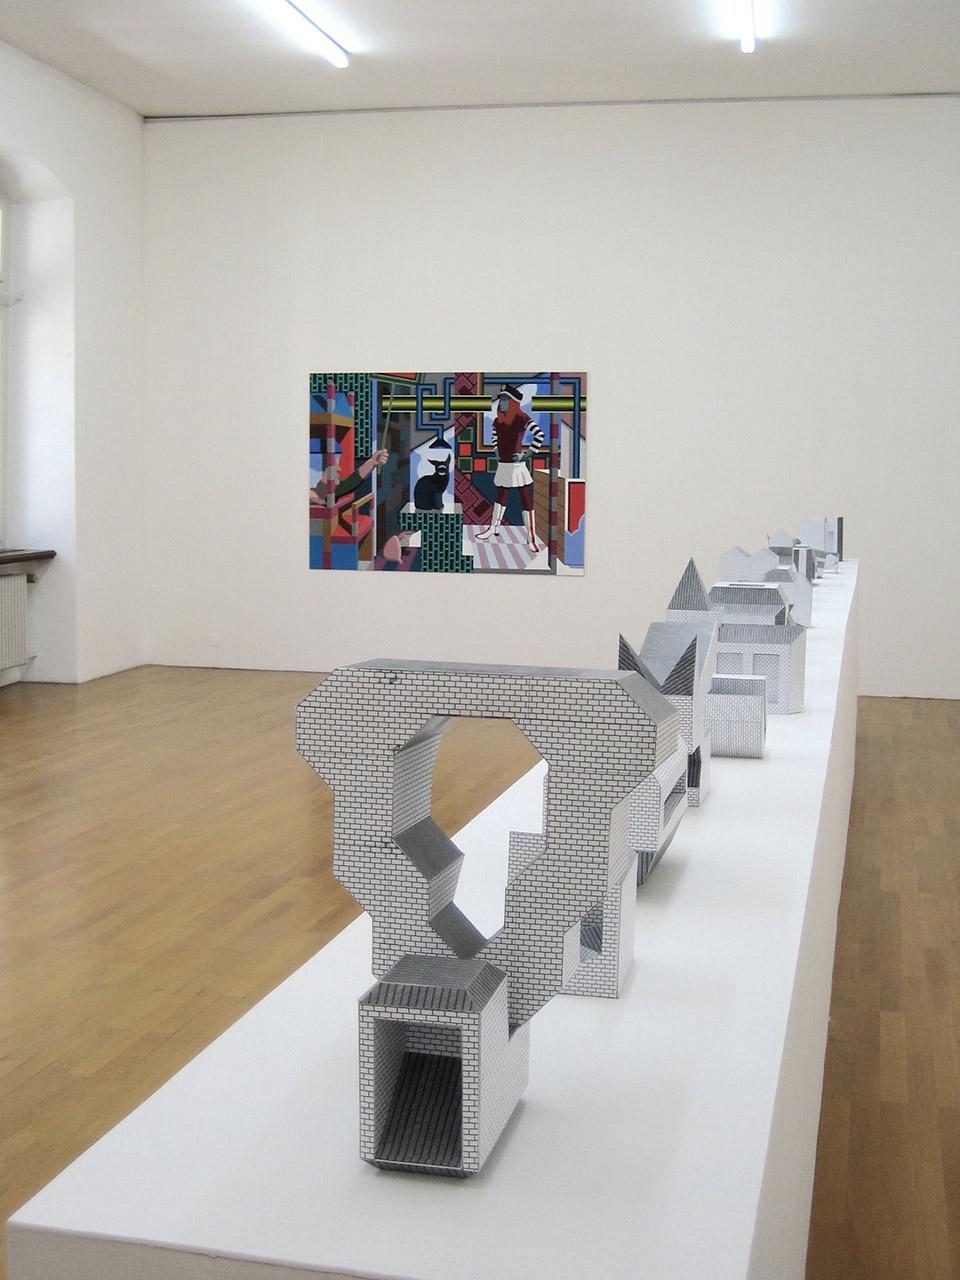 Valentin-Magaro-Kunsthalle-Winterthur-2009-4.jpg